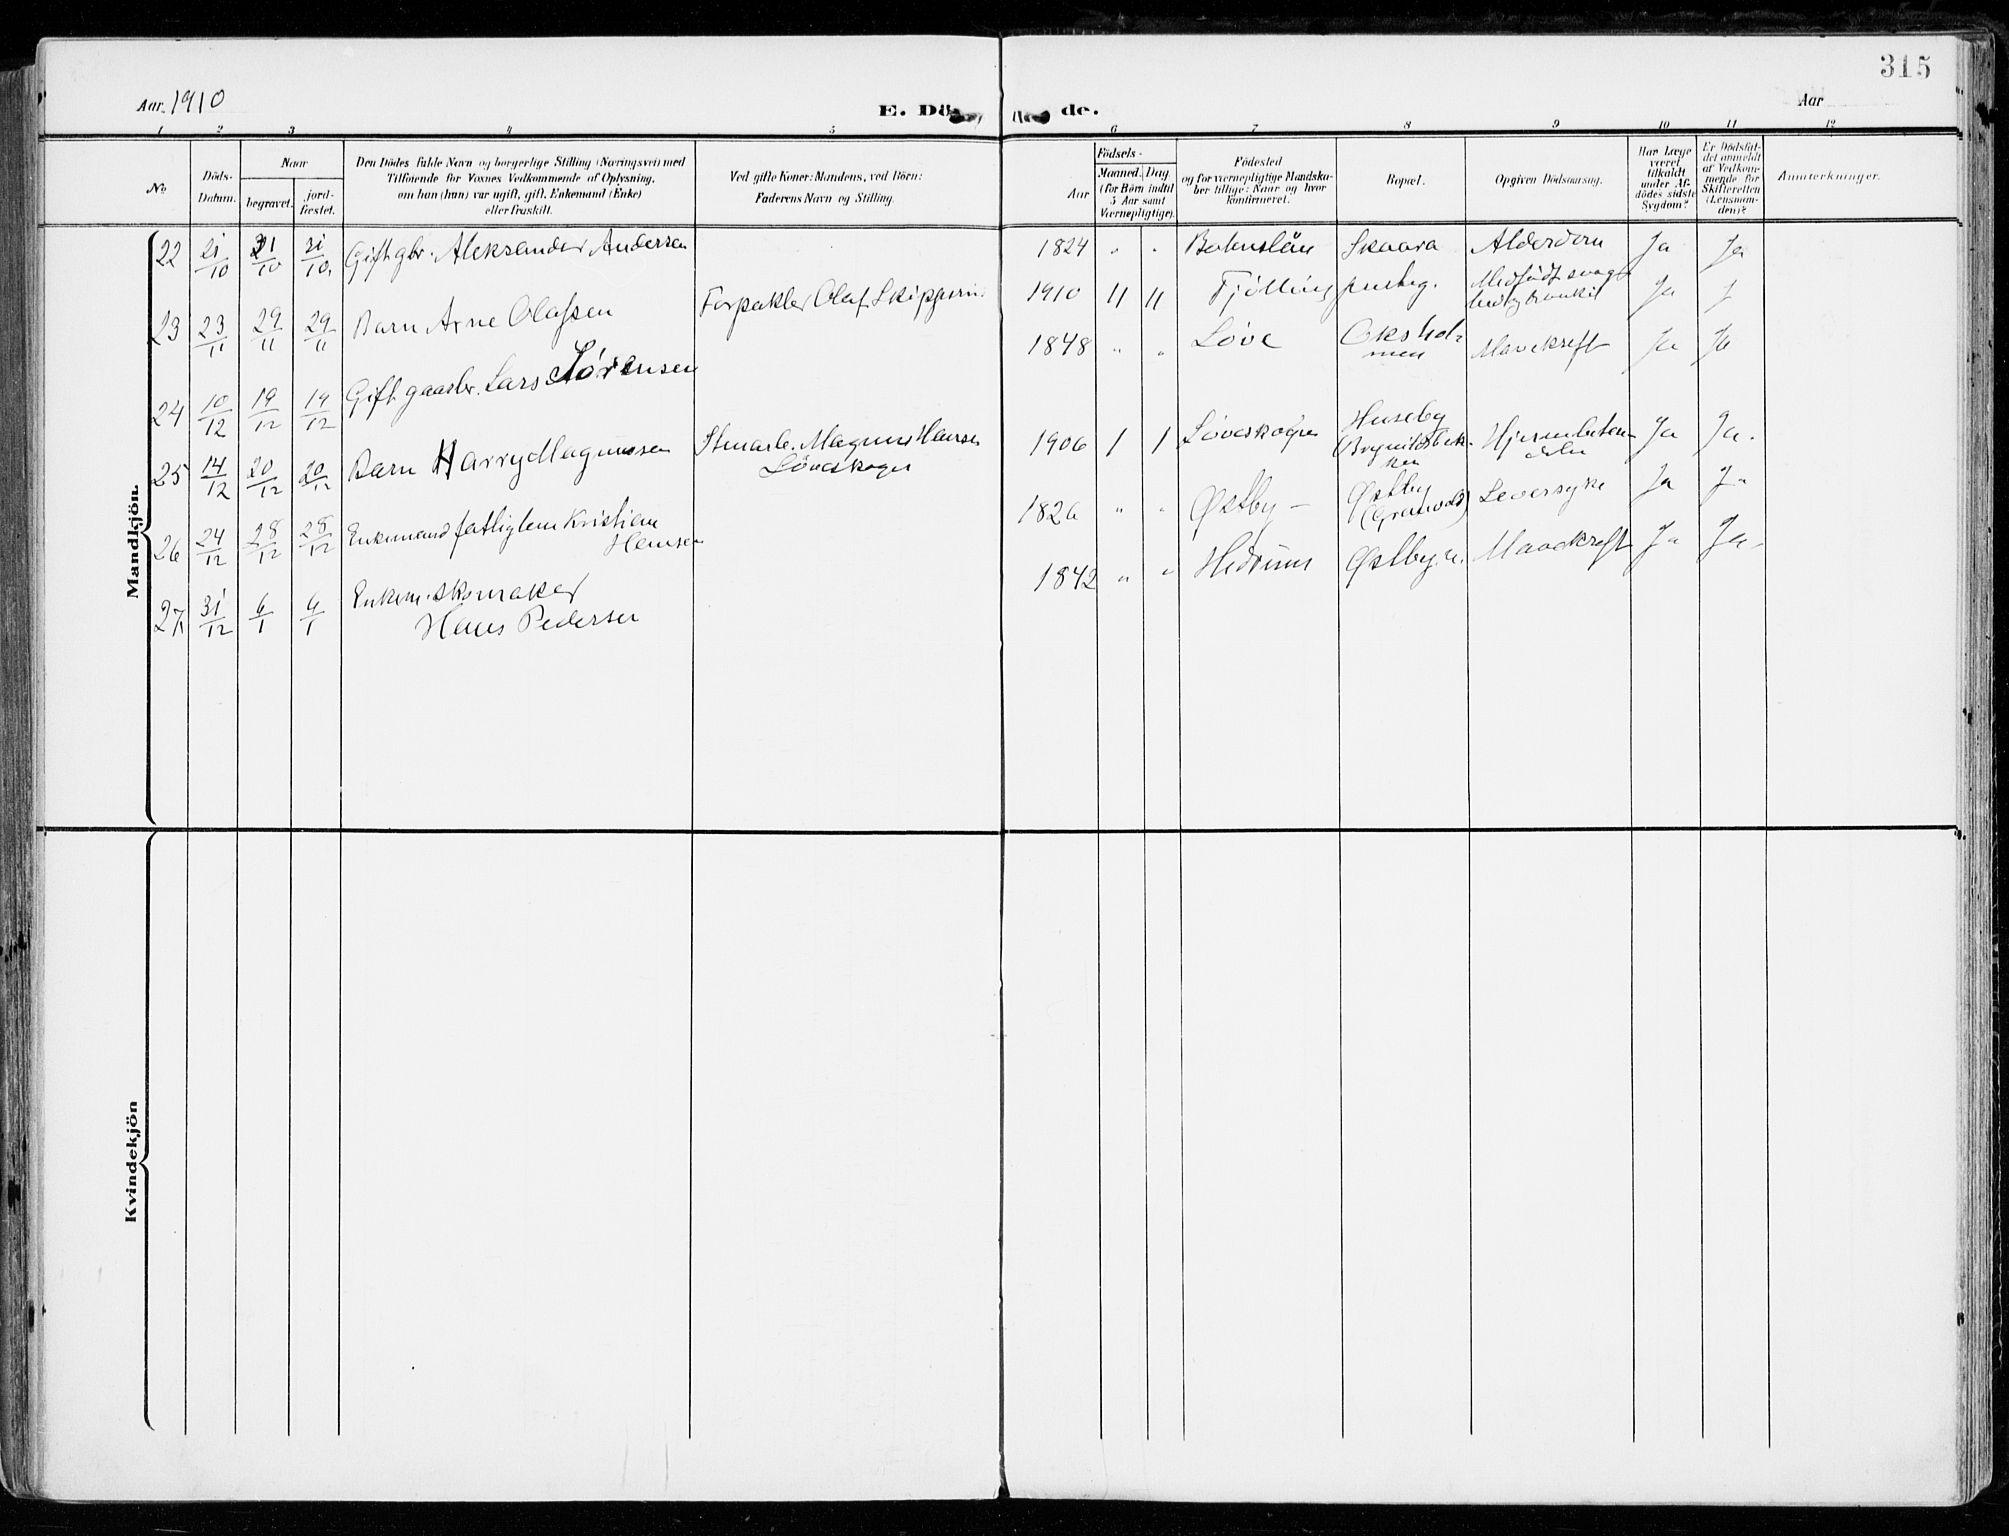 SAKO, Tjølling kirkebøker, F/Fa/L0010: Parish register (official) no. 10, 1906-1923, p. 315